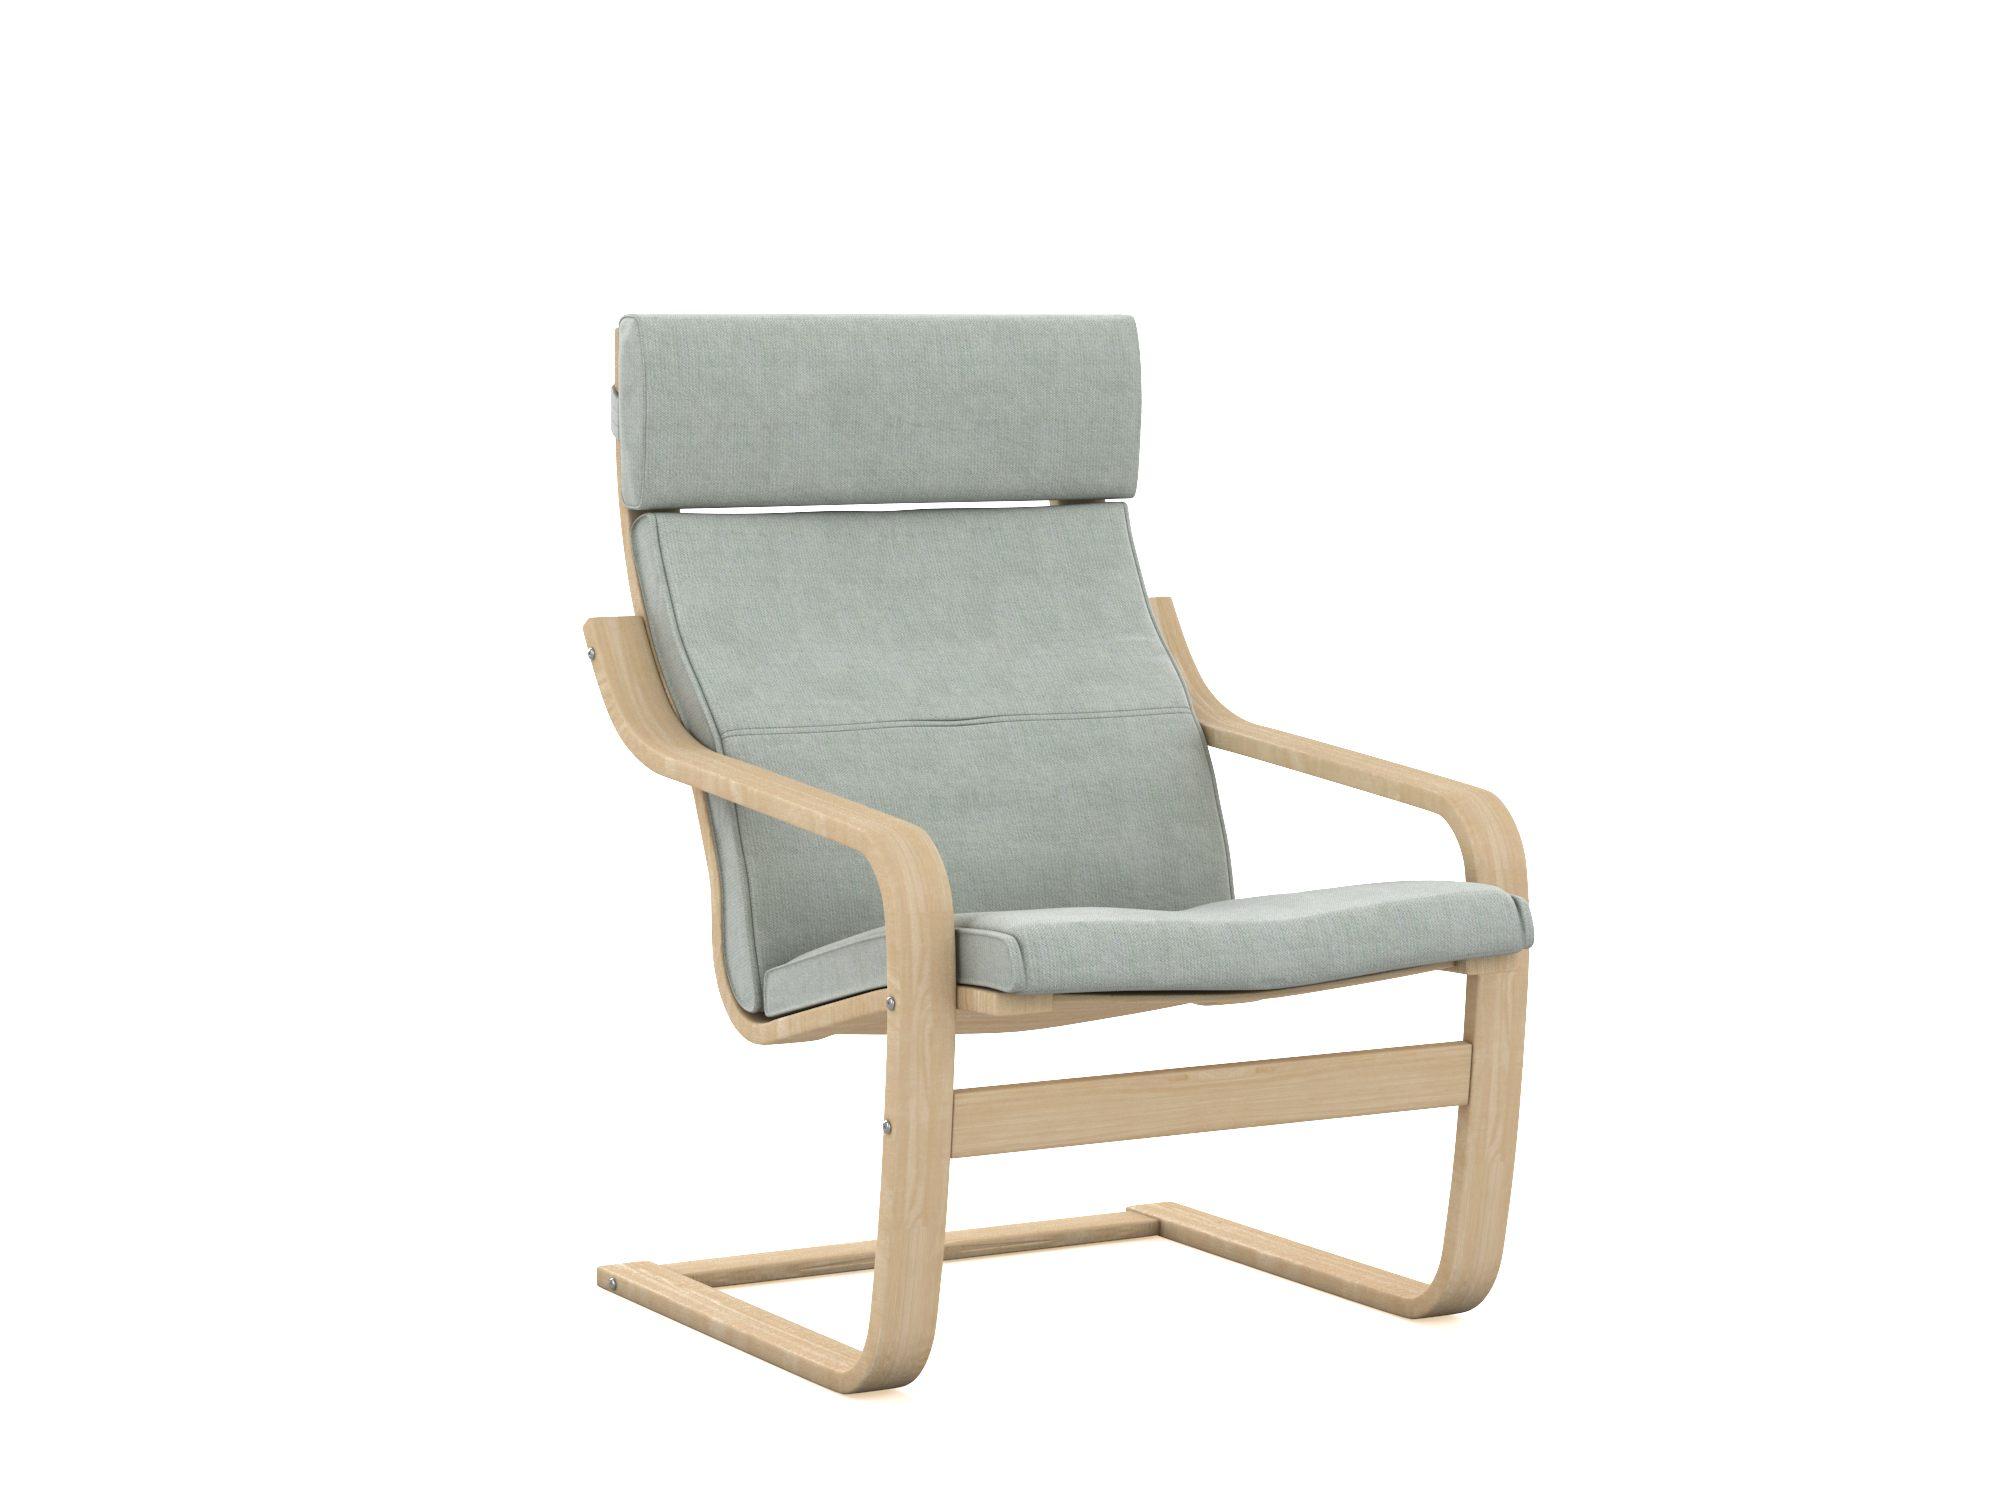 Pokrowiec na fotel Poang (2 wersja)